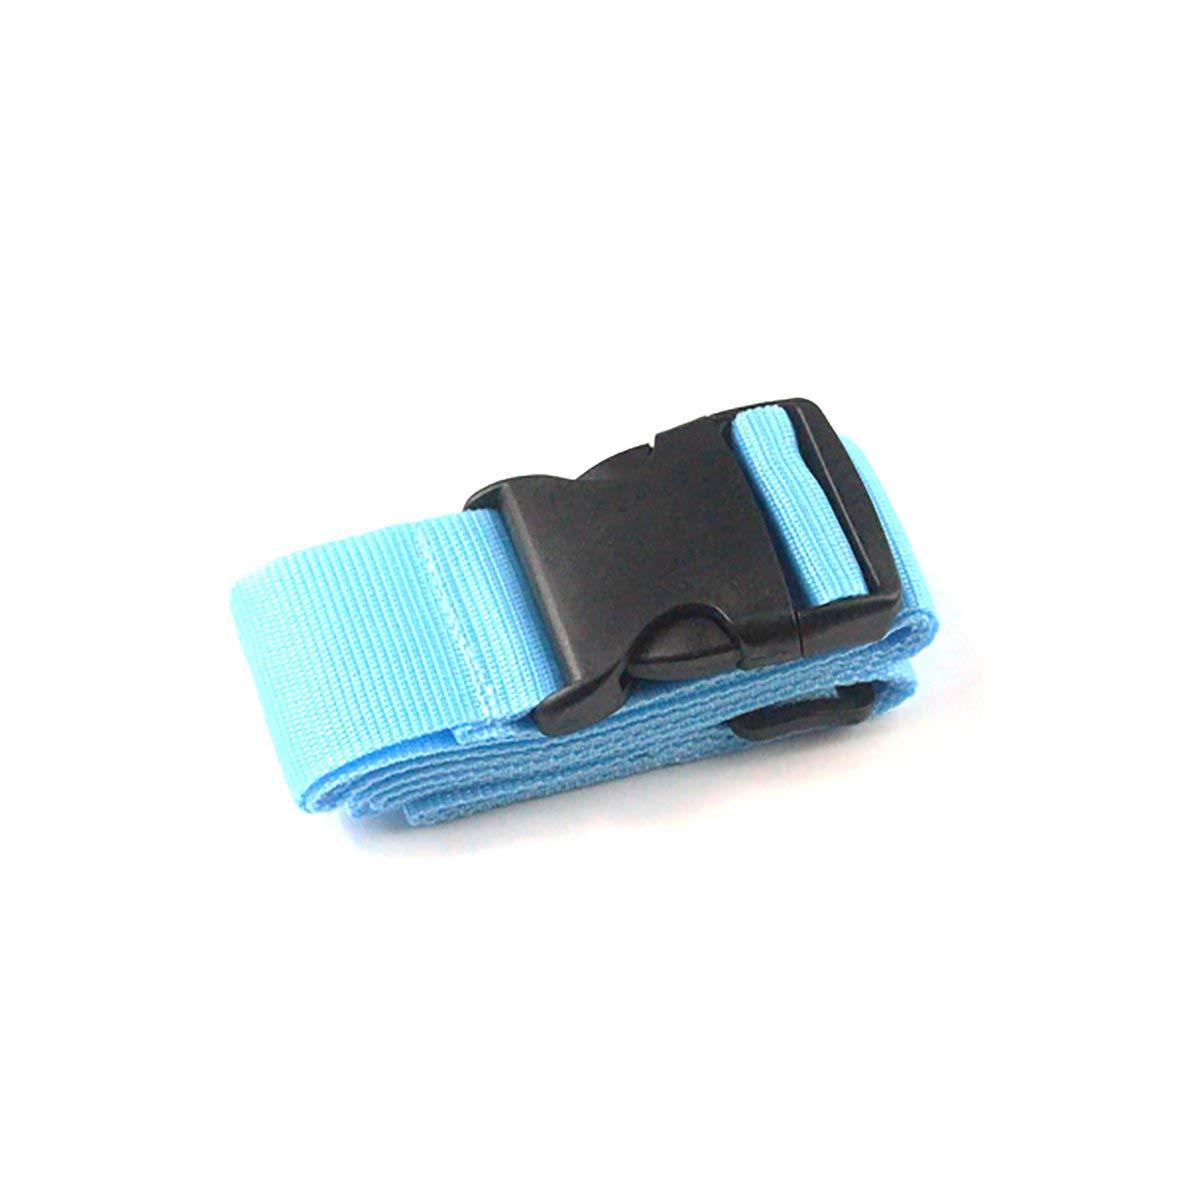 Bleu Emballage de Bagages avec Valise attach/ée avec lexp/édition Consignation Renfort Ceinture Valise Trolley avec Ceinture De Bagages